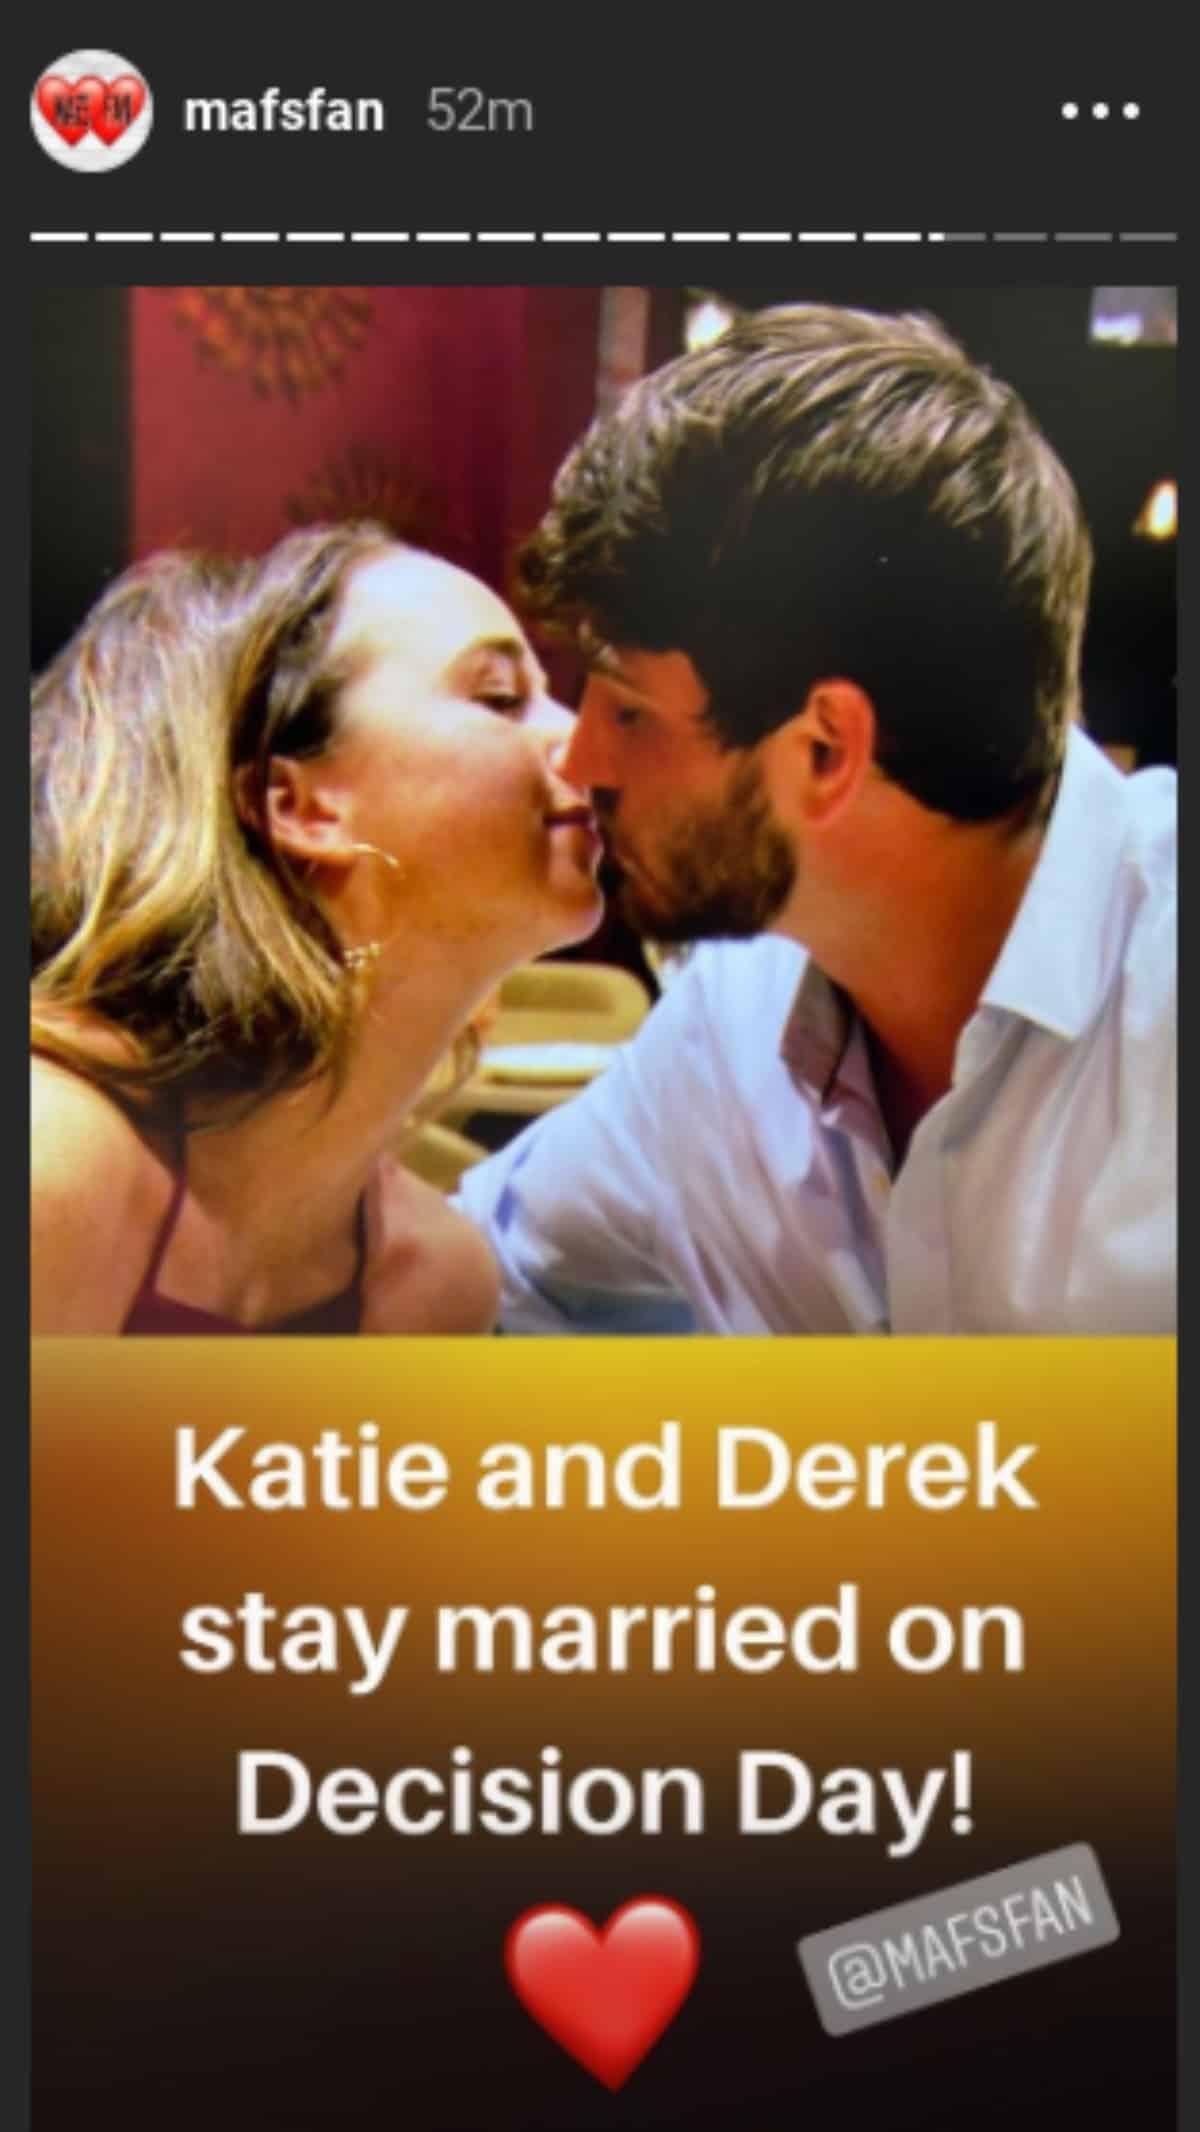 Katie and Derek kissing